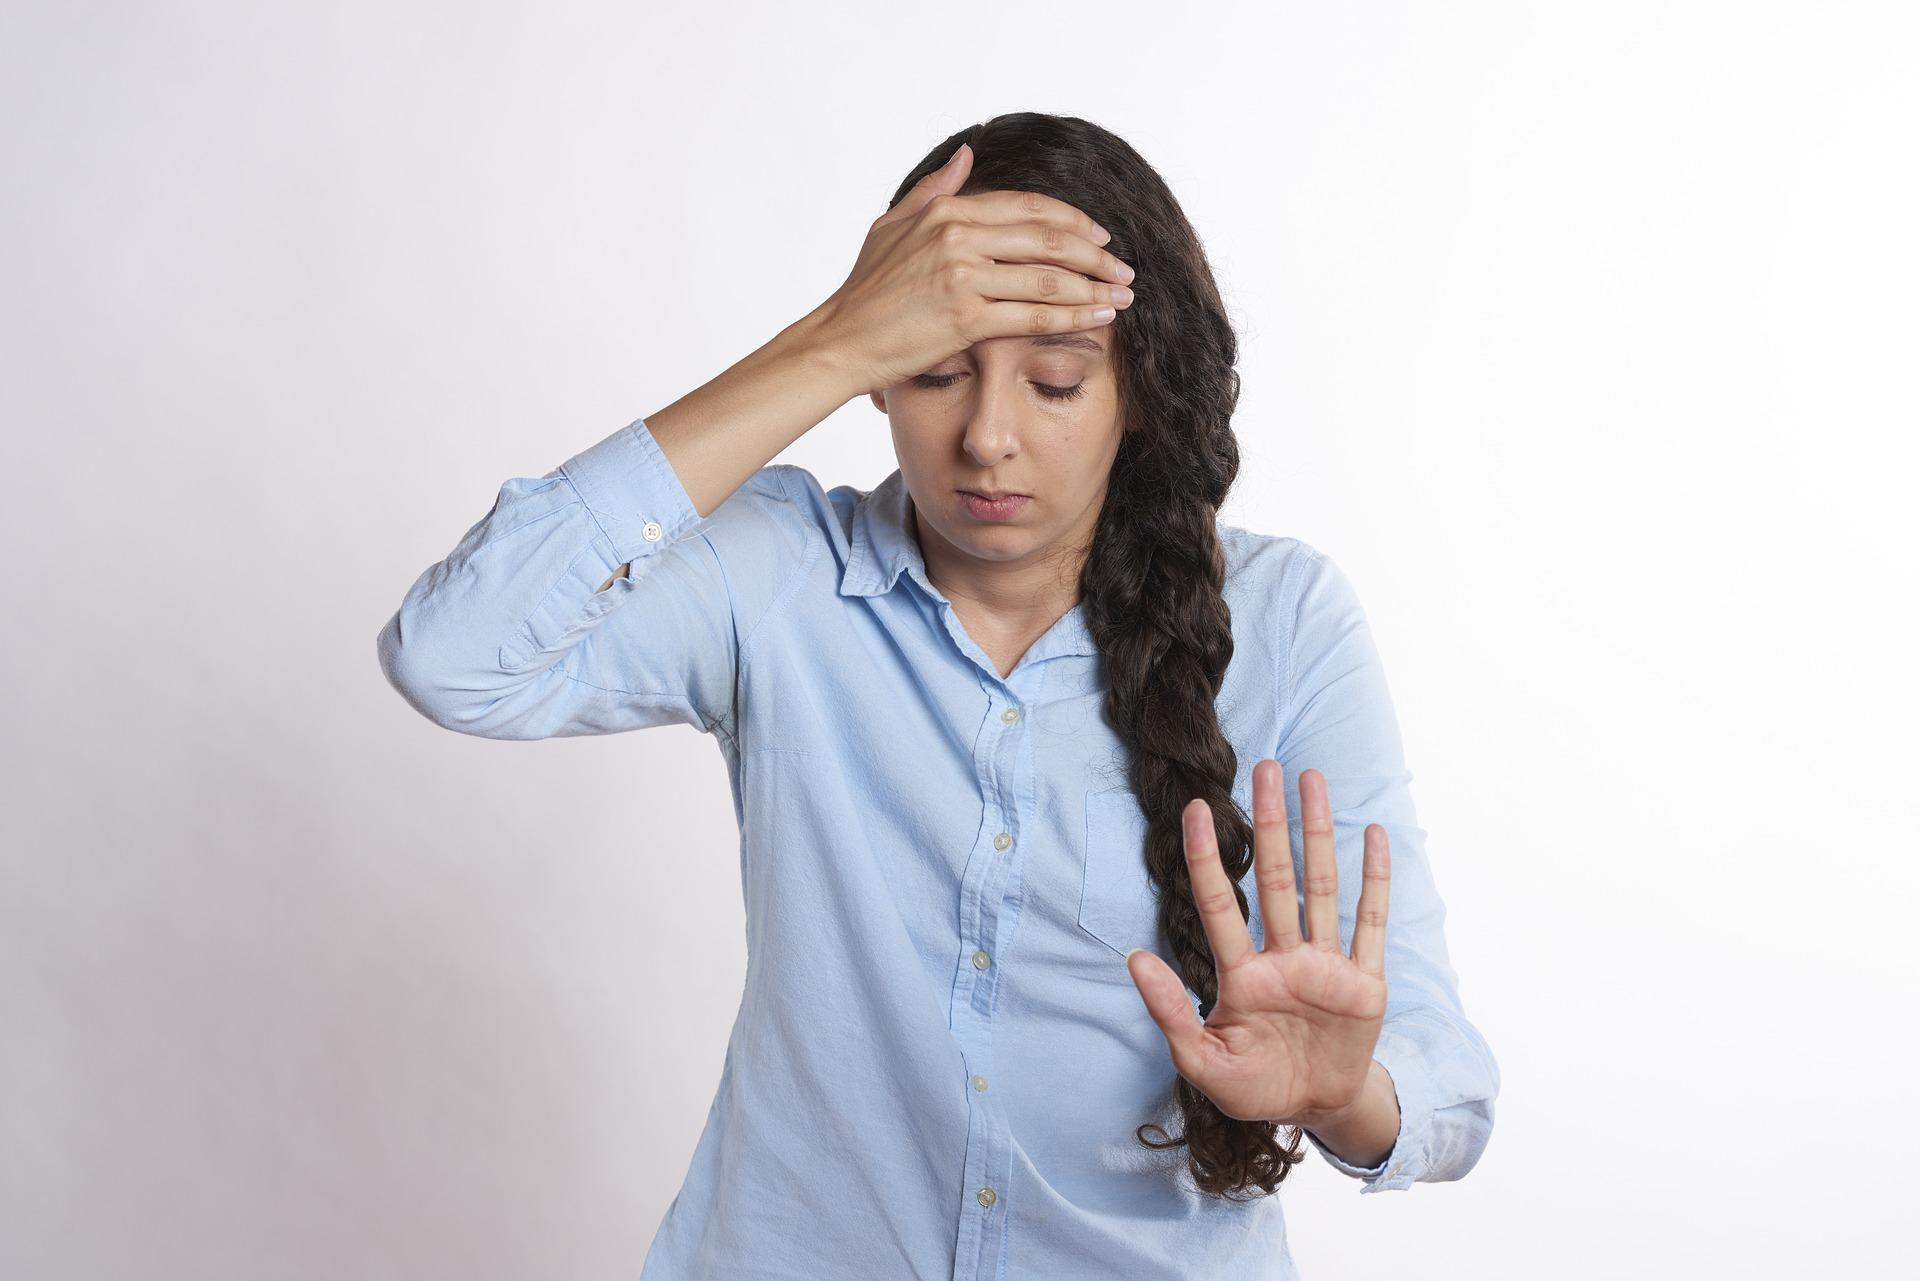 sindromul-burnout-stare-ce-afecteaza-tot-mai-multi-medici